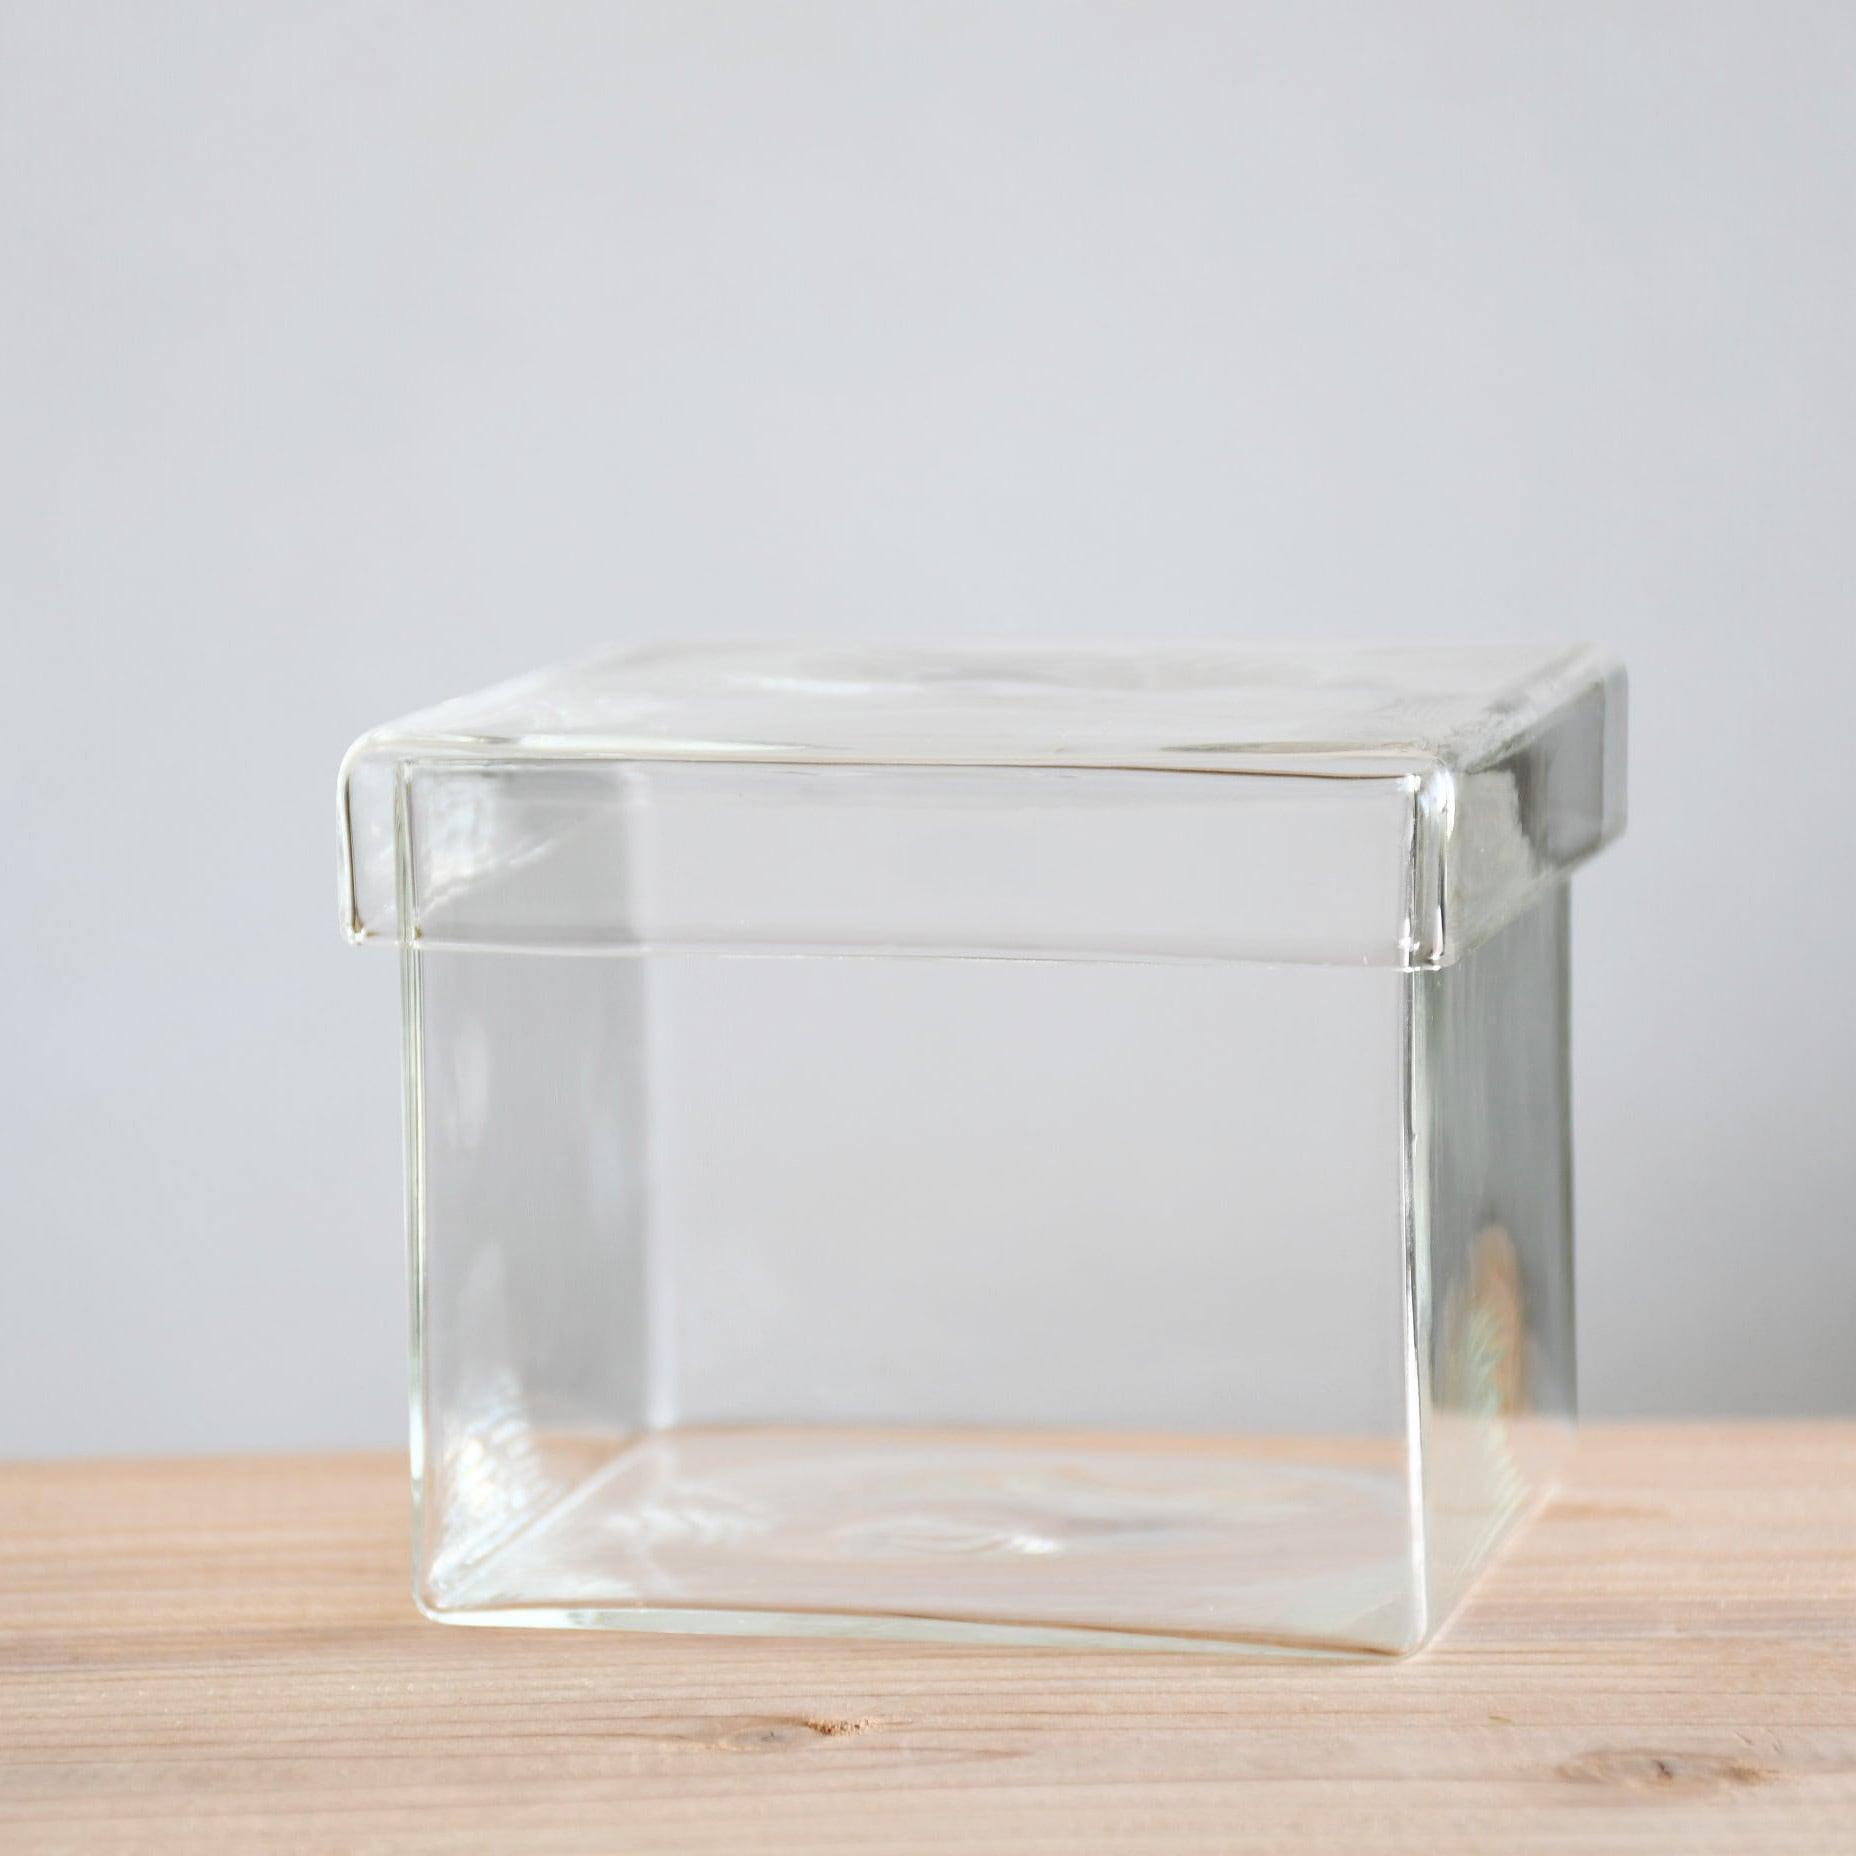 【ガラス容器】BOX L(100x100xh80mm)◆景色を作るのにおススメ